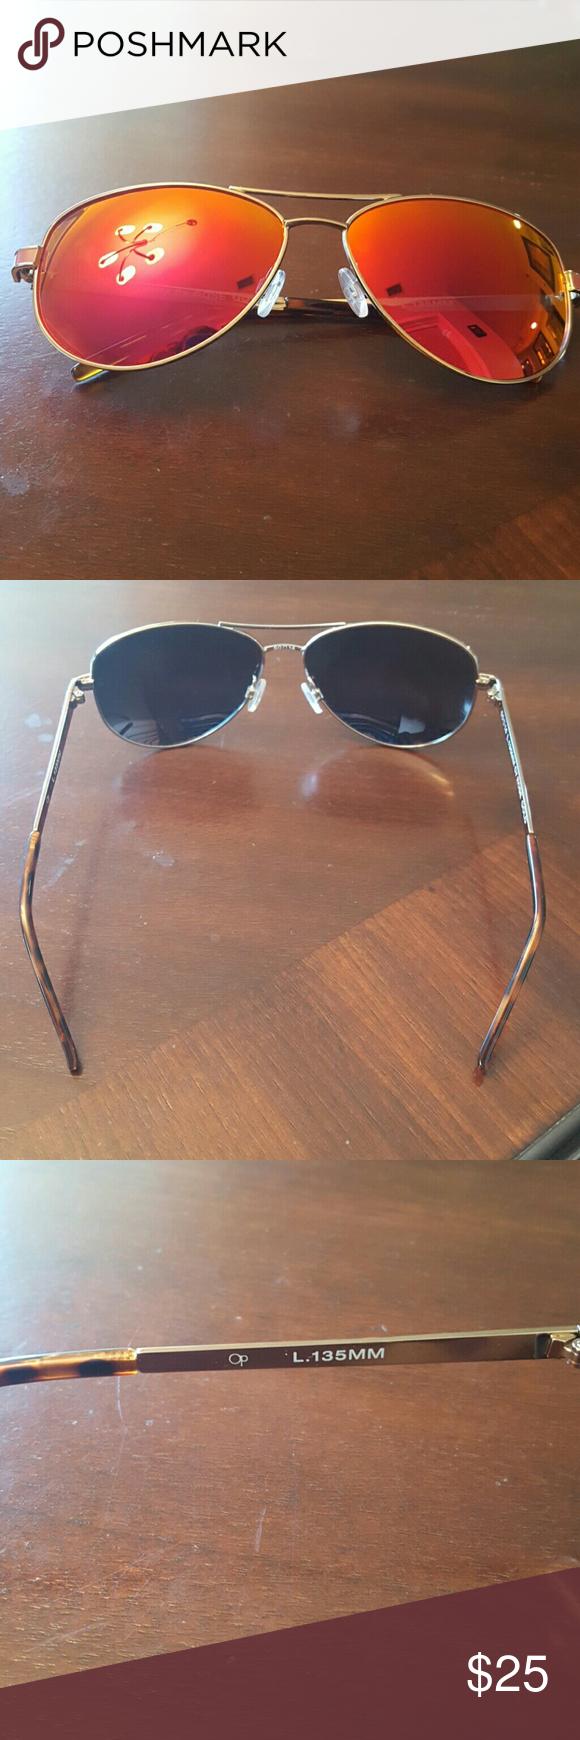 24ded088fffc Op Ocean Pacific Pearl Sunglasses